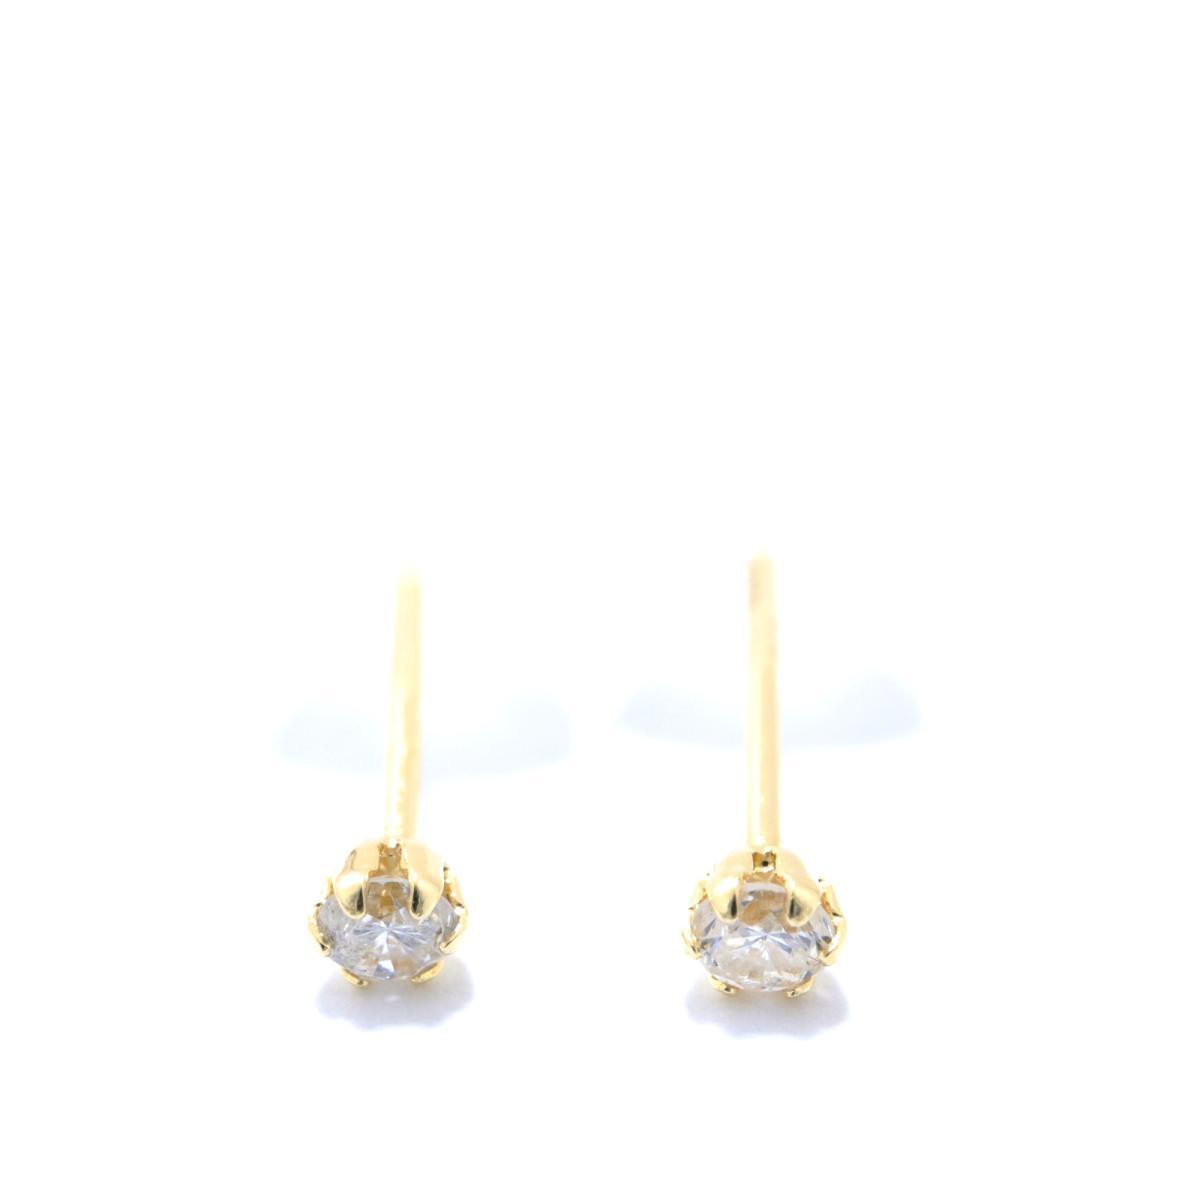 ジュエリー ダイヤモンド ピアス ノーブランドジュエリー レディース K18YG (750) イエローゴールド x (0.05ct x2) クリアー ゴールド 【中古】 | JEWELRY BRANDOFF ブランドオフ アクセサリー